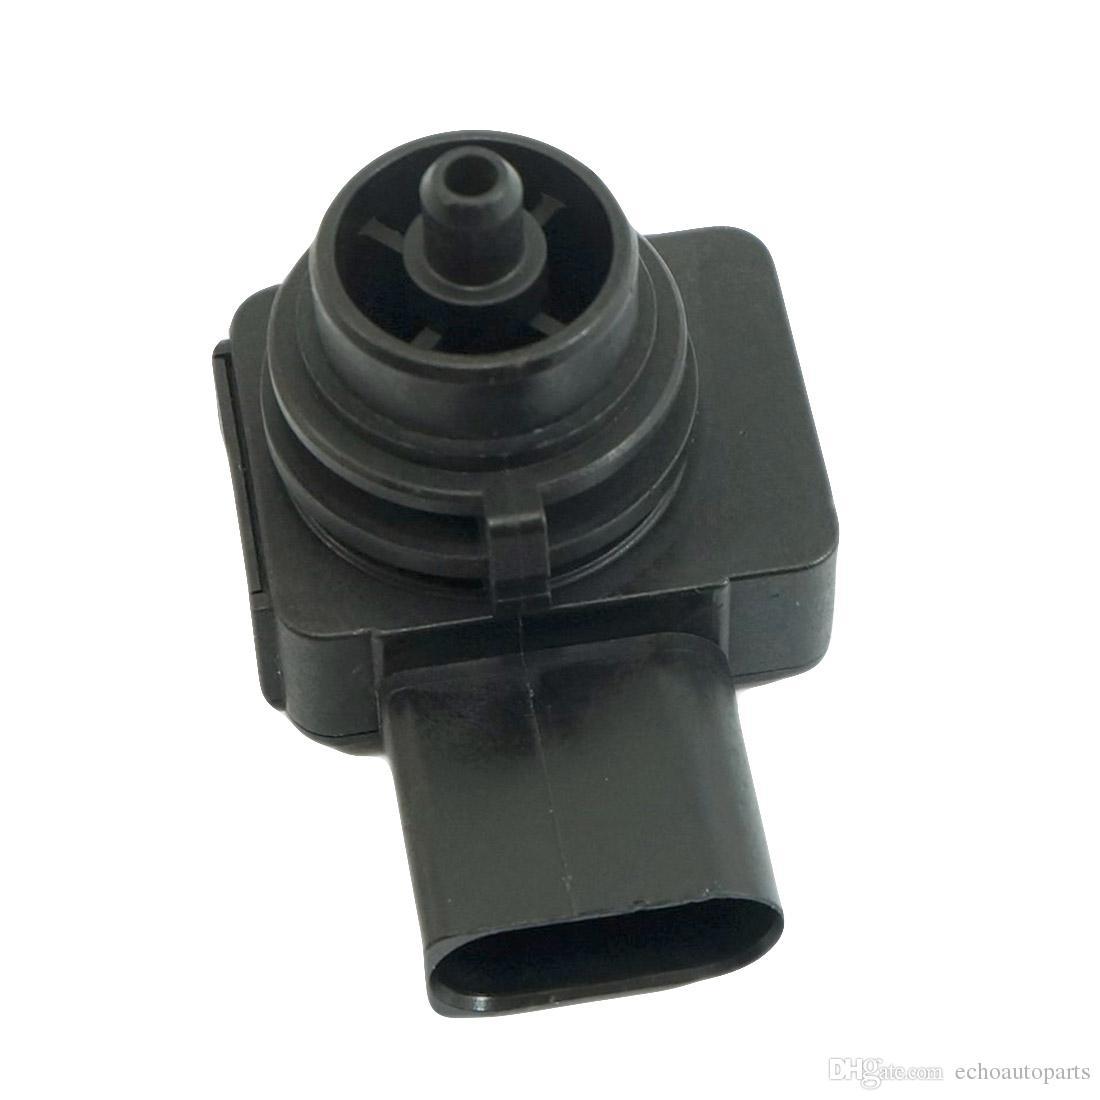 A0065423818 Interruptor del sensor de MAP de presión del colector de admisión de aire para Mercedes-Benz